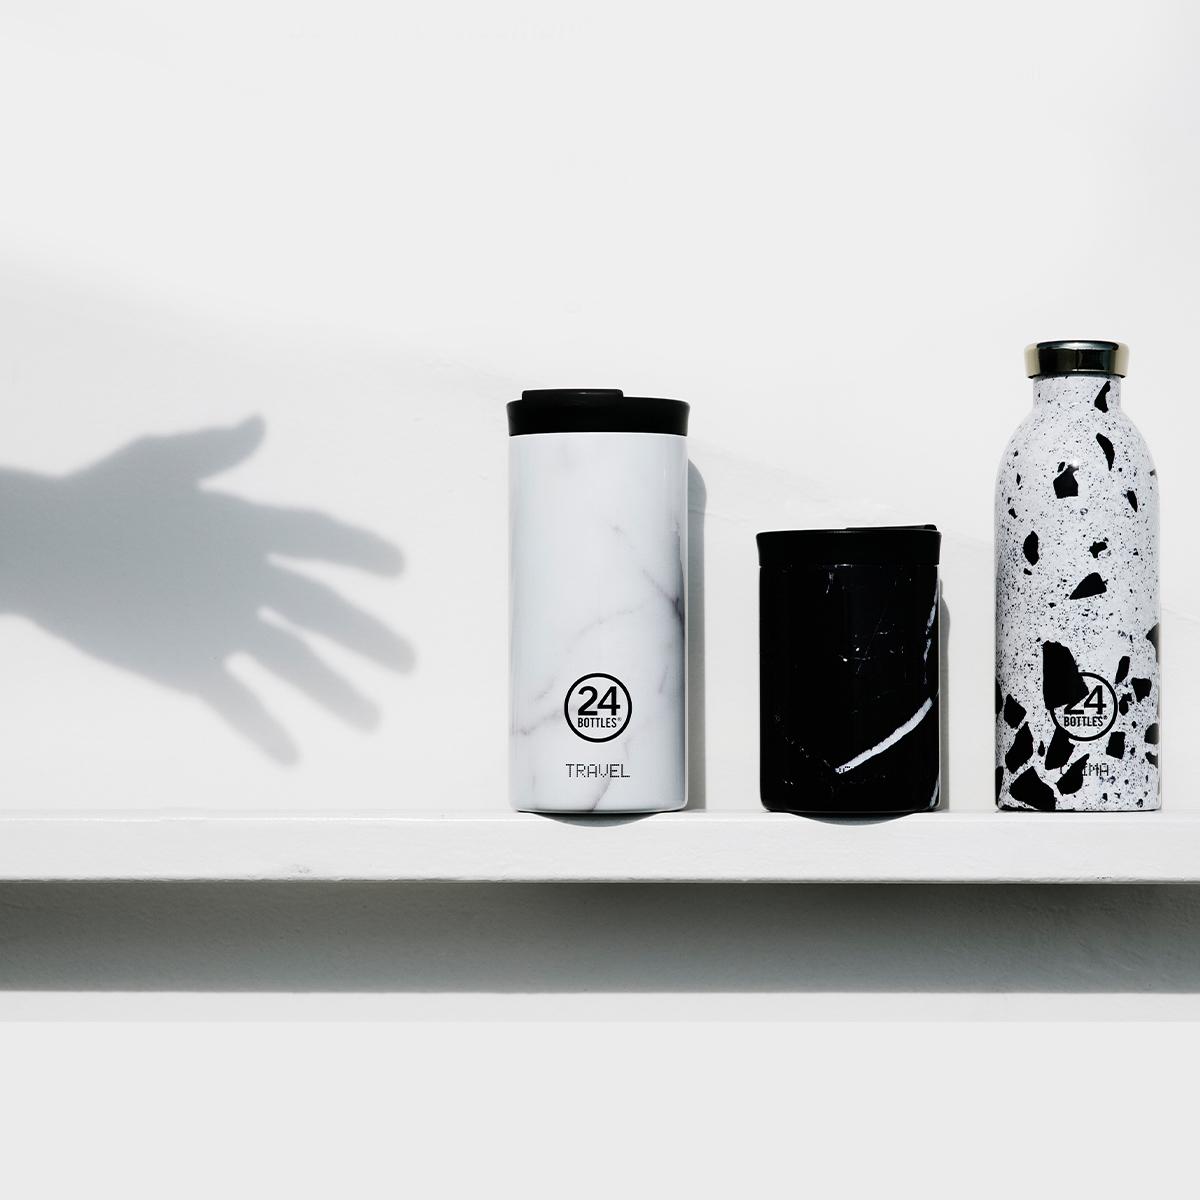 24Bottles® – Heute kommen die News per Flaschenpost